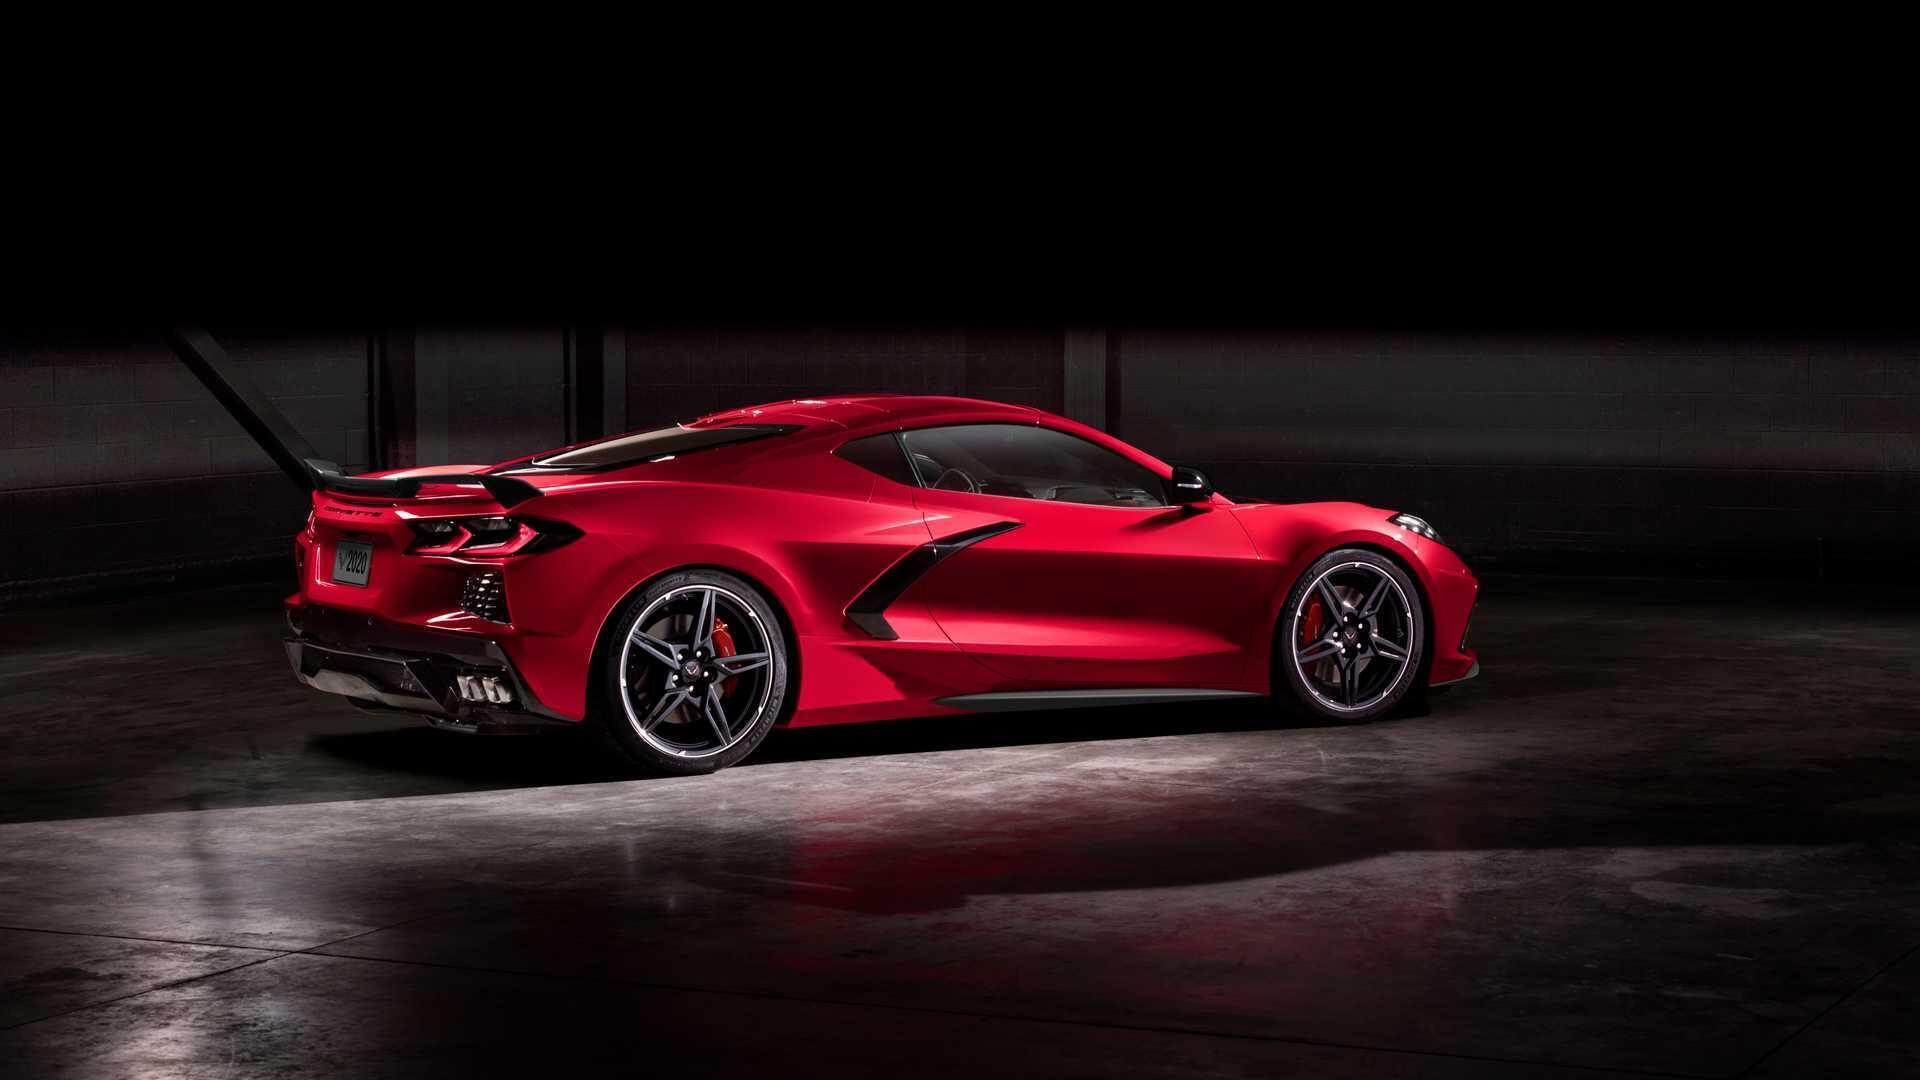 https://cdn.dailyxe.com.vn/image/chevrolet-corvette-2020-co-mot-so-tinh-nang-an-tuyet-voi-56-94563j2.jpg